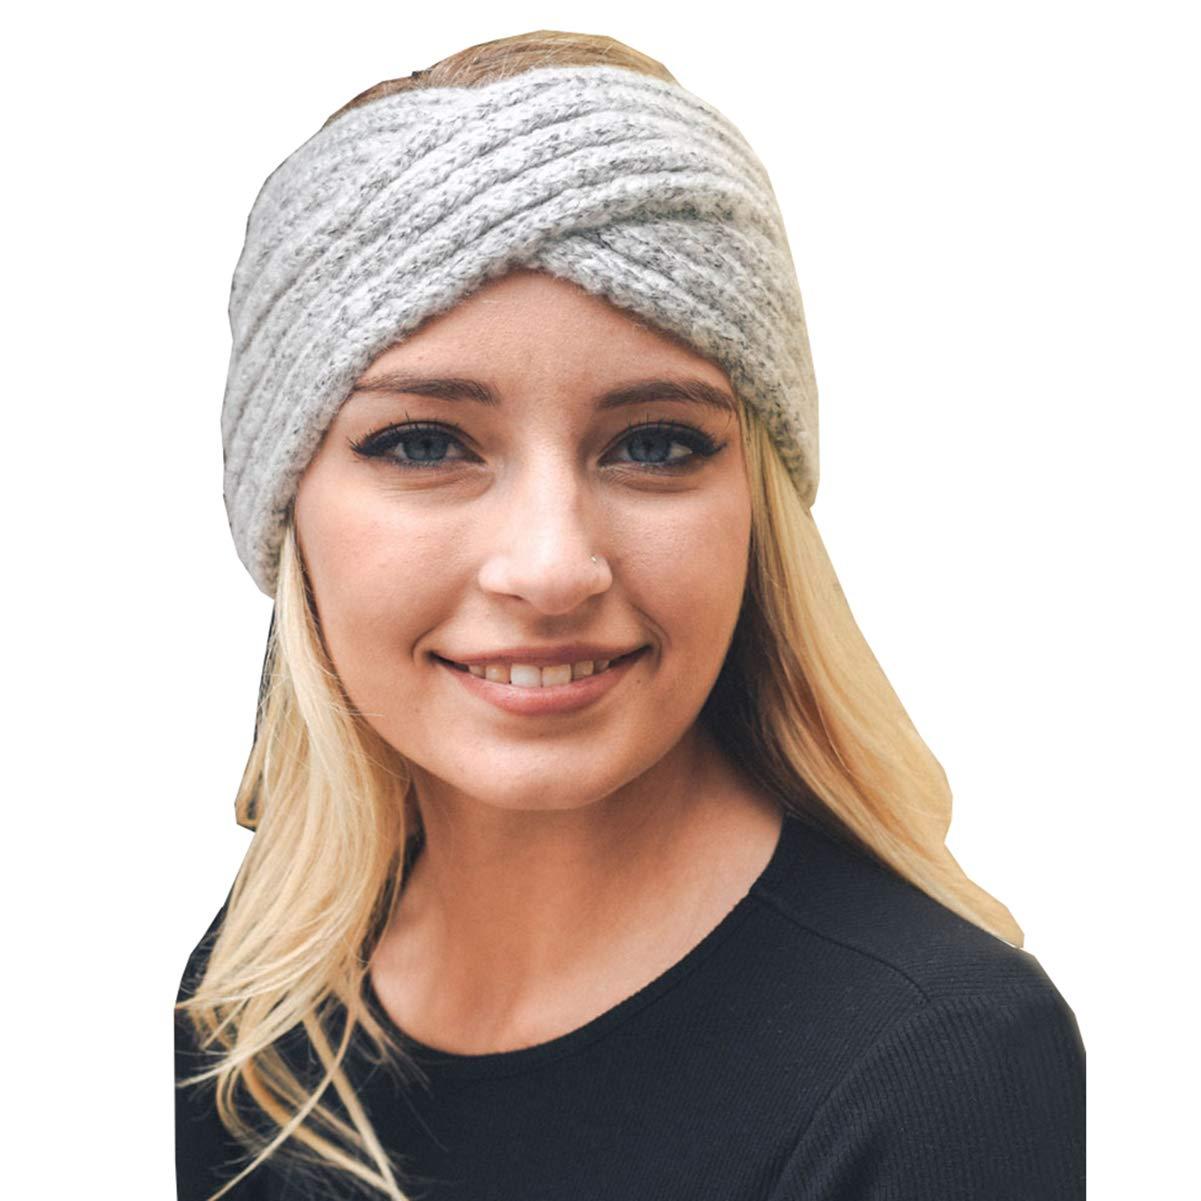 283689be21e0 Women Chunky-Confetti-Knit Headband Cross - Headwrap Knit Hairband Mohair  Beanie Bohemia Headband Reversible Hair Accessories (Grey) at Amazon  Women s ...